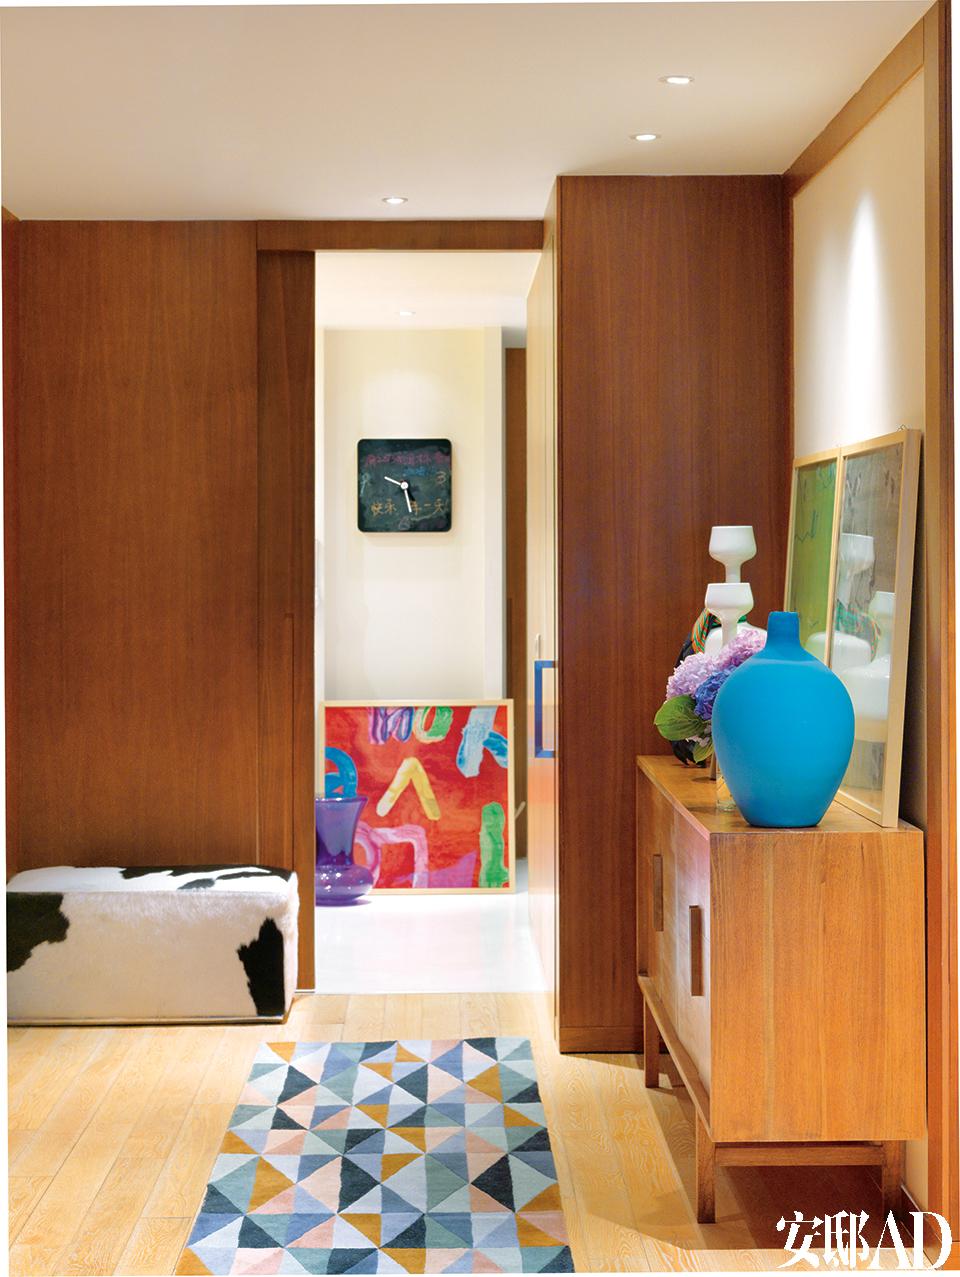 进门的玄关处以及与玄关相连的化妆室,紫色坐墩来自Kartell,旁边是毯言织造的装饰挂毯。